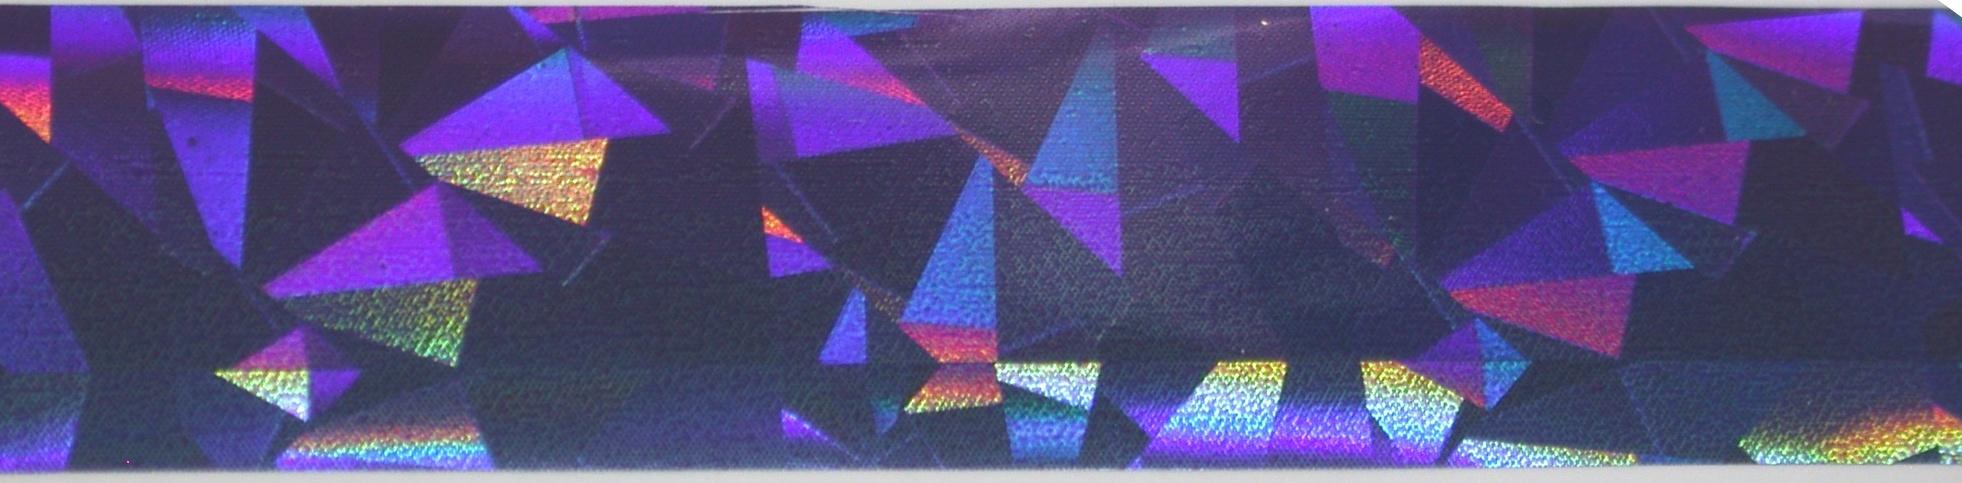 VIVI Folie na nehty střepy duha modrá,fialová 50 cm